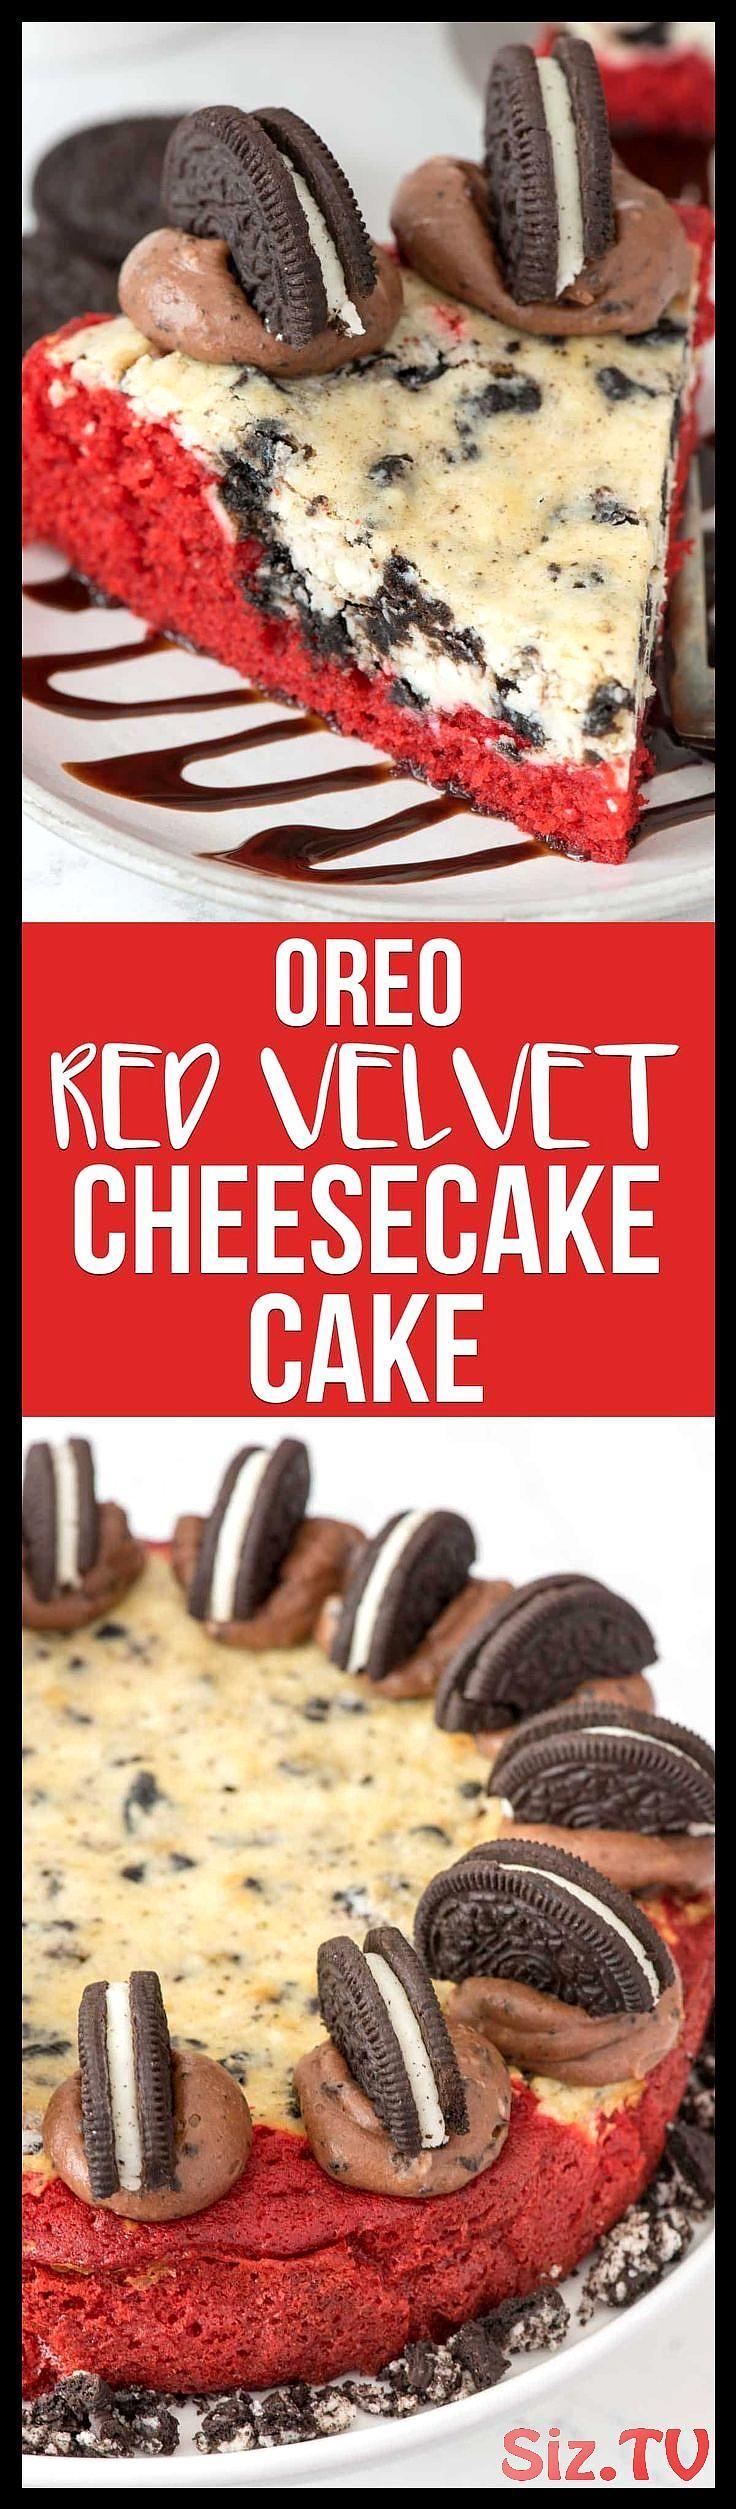 Red Velvet Oreo Cheesecake Cake    dieses dekadente Kuchenrezept kombiniert hausgemachten    Red Velvet Oreo Cheesecake Cake    dieses dekadente Kuchenrezept kombiniert hausgemachten    Red Velvet Oreo Cheesecake Cake    dieses dekadente Kuchenrezept kombiniert hausgemachten roten Samtkuchen mit einer K  seschicht Schokoladen-Frischk  se-Zuckerguss und OREOS    ber Crazy for Crust   Einfache Rezepte f  r jede Mahlzei #cheesecake #dekadente #dieses #hausgemachten #kombiniert #kuchenrezept #velvet #redvelvetcheesecake